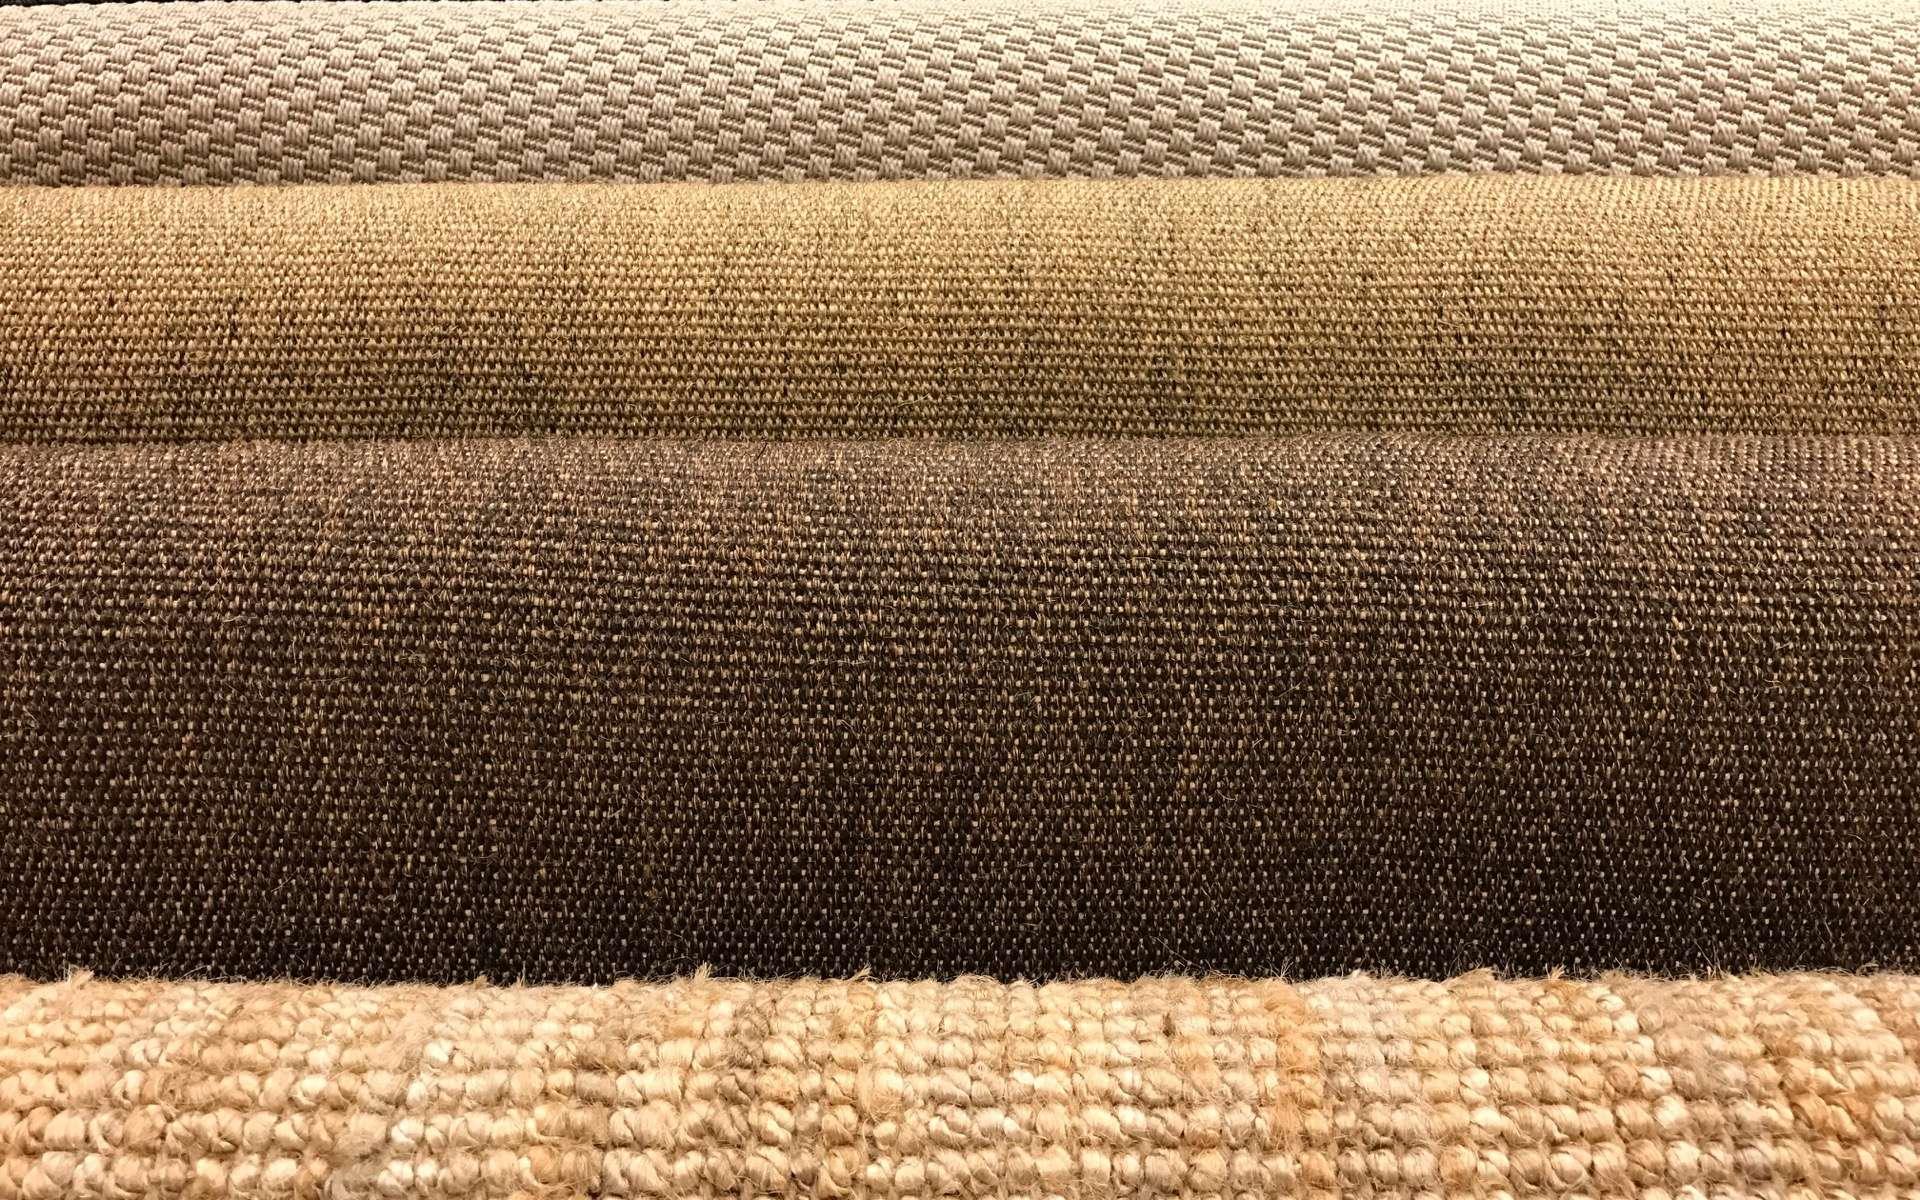 Sisal, jonc de mer, fibres de coco, des revêtements en fibres naturelles. © ubonwanu, Adobe Stock